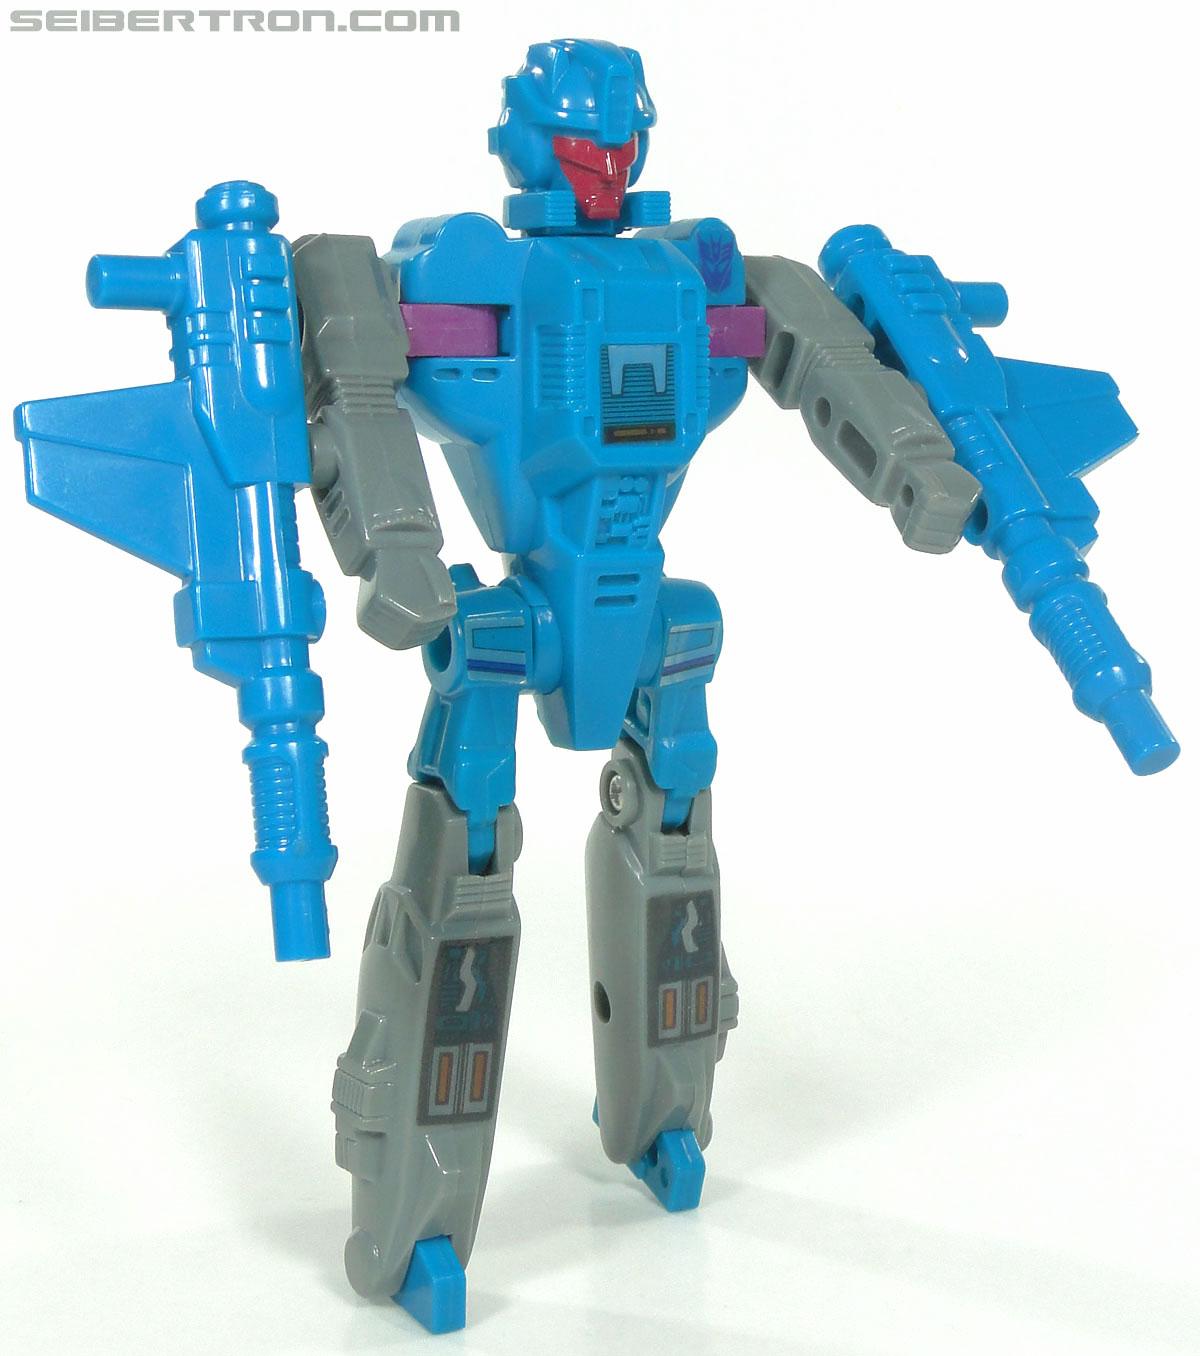 Transformers Super God Masterforce Bomb-Burst (Blood) (Image #138 of 169)